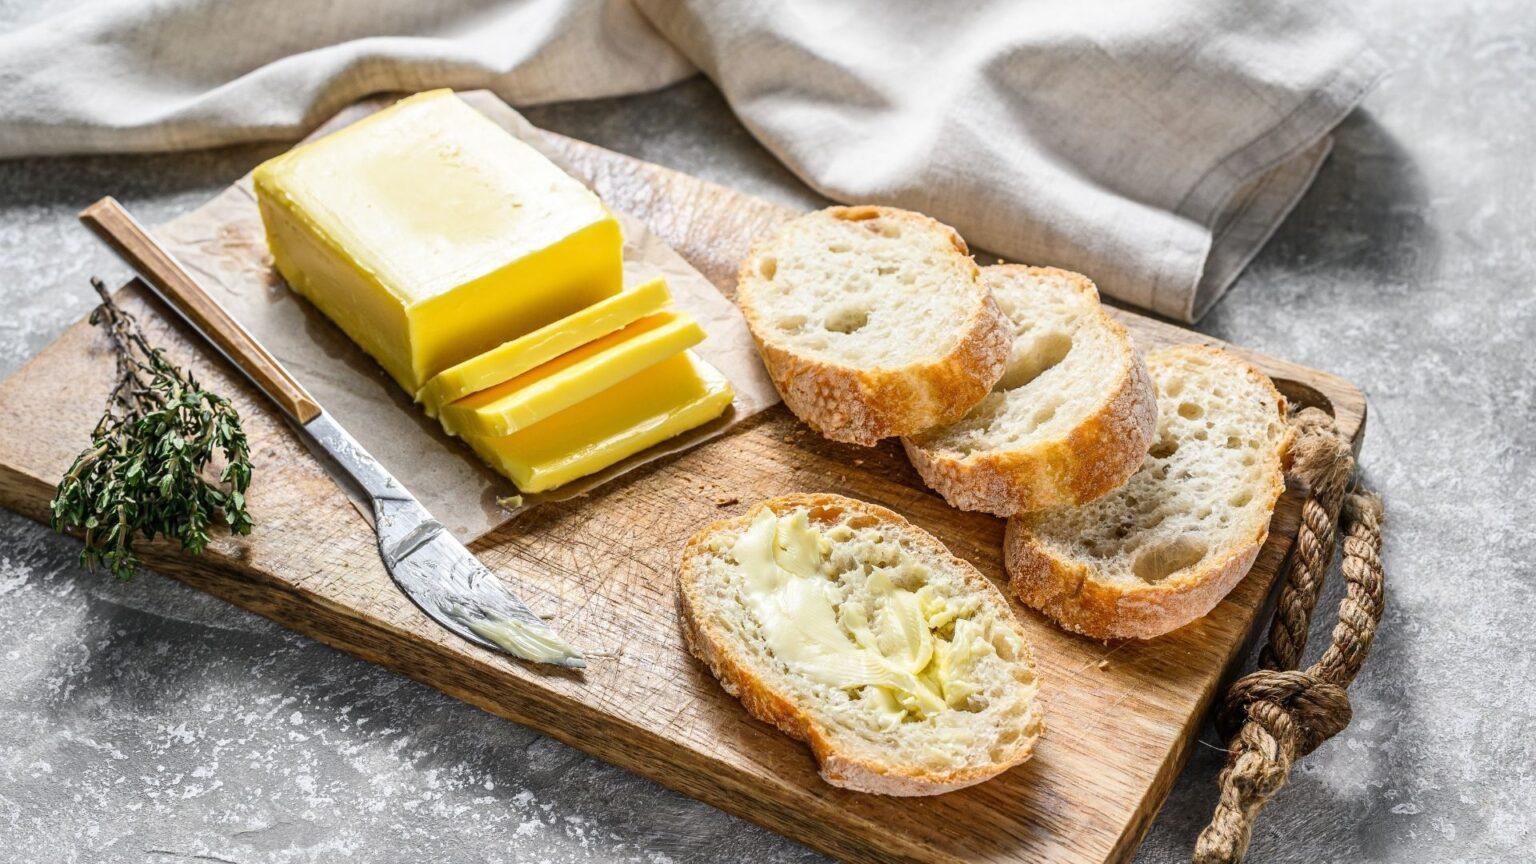 When choosing a butter knife